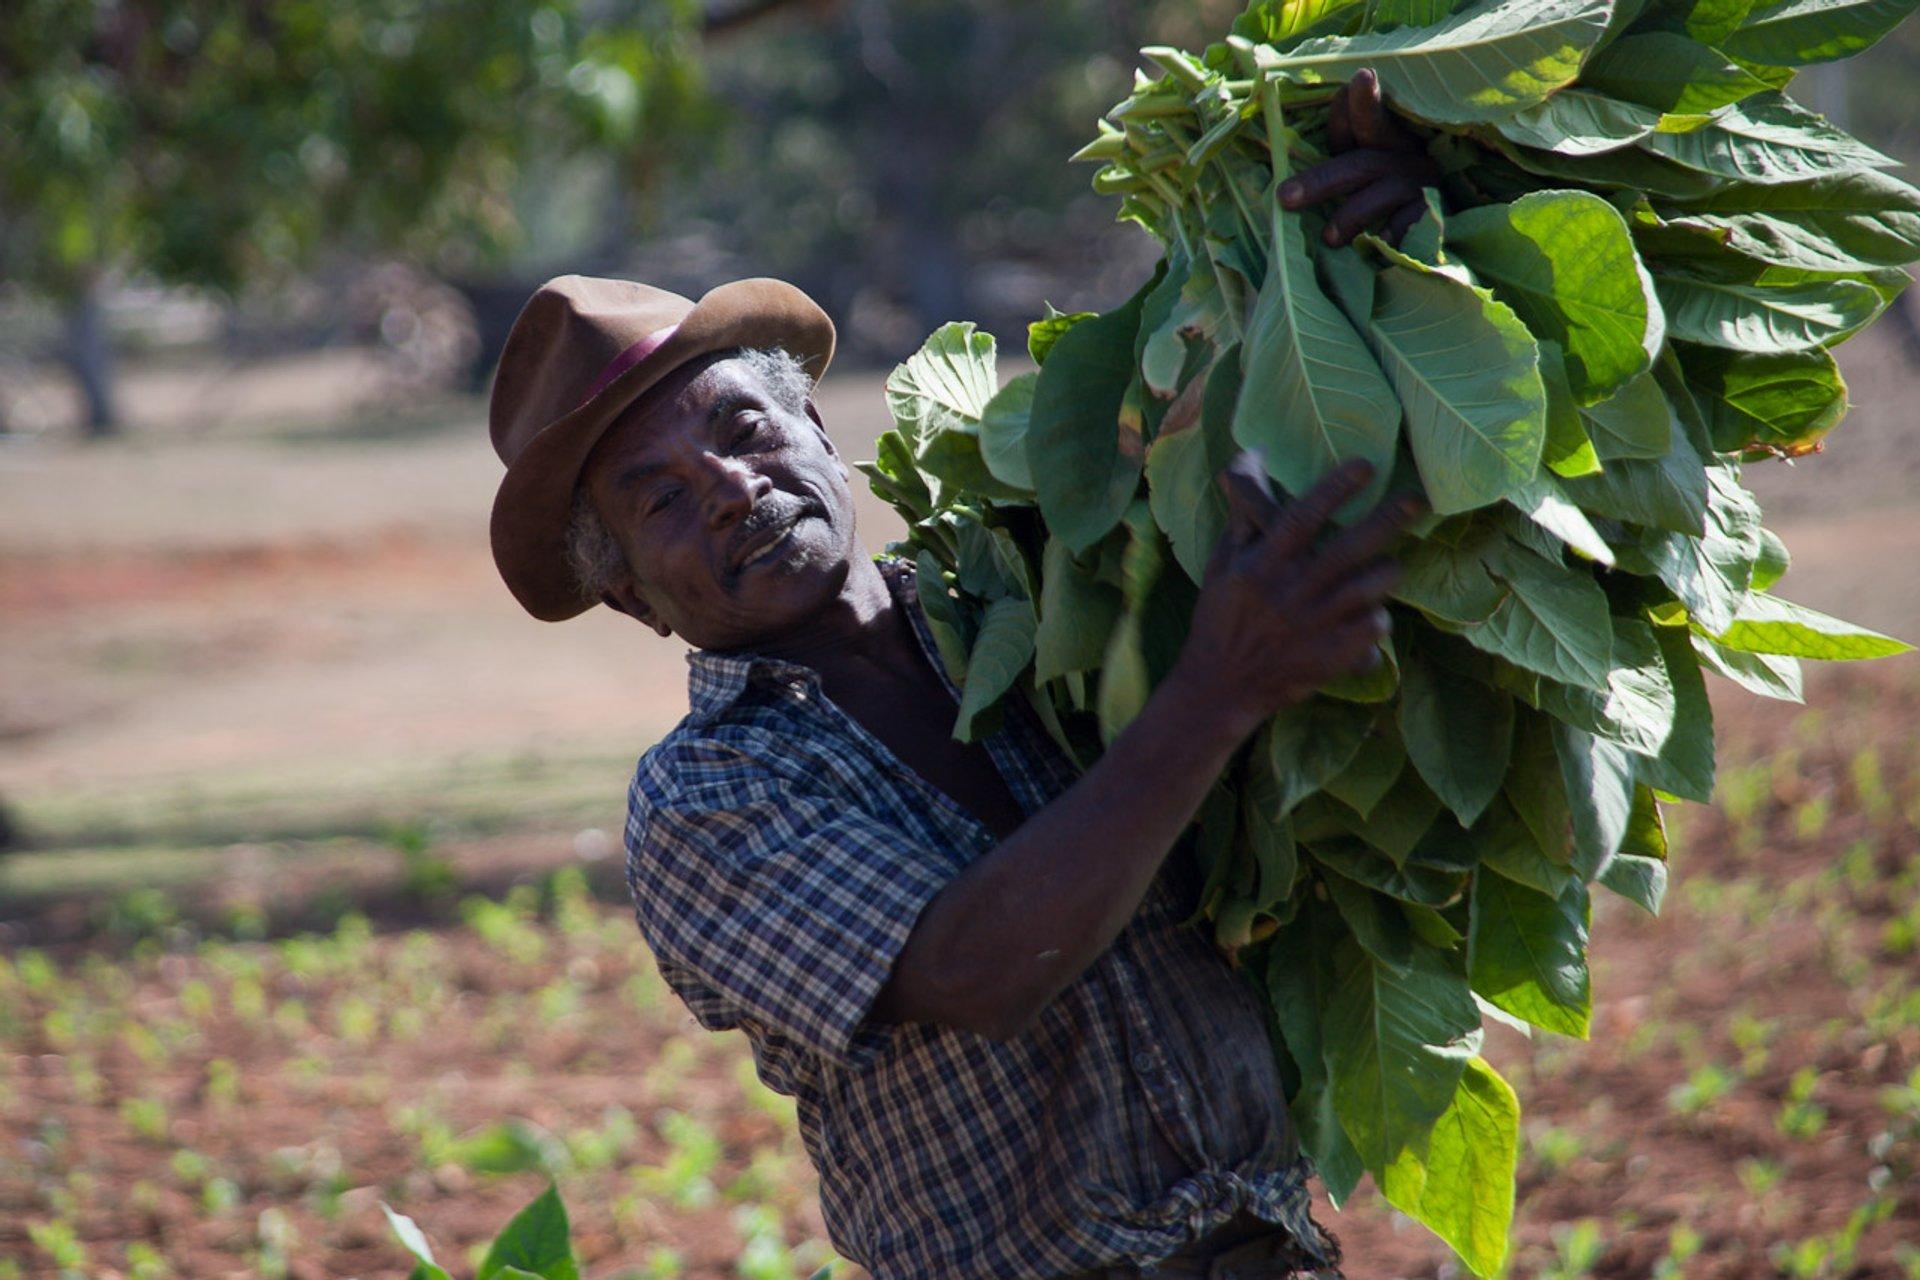 Tobacco harvester near Puerto Esperanza, Vinales, Cuba 2019